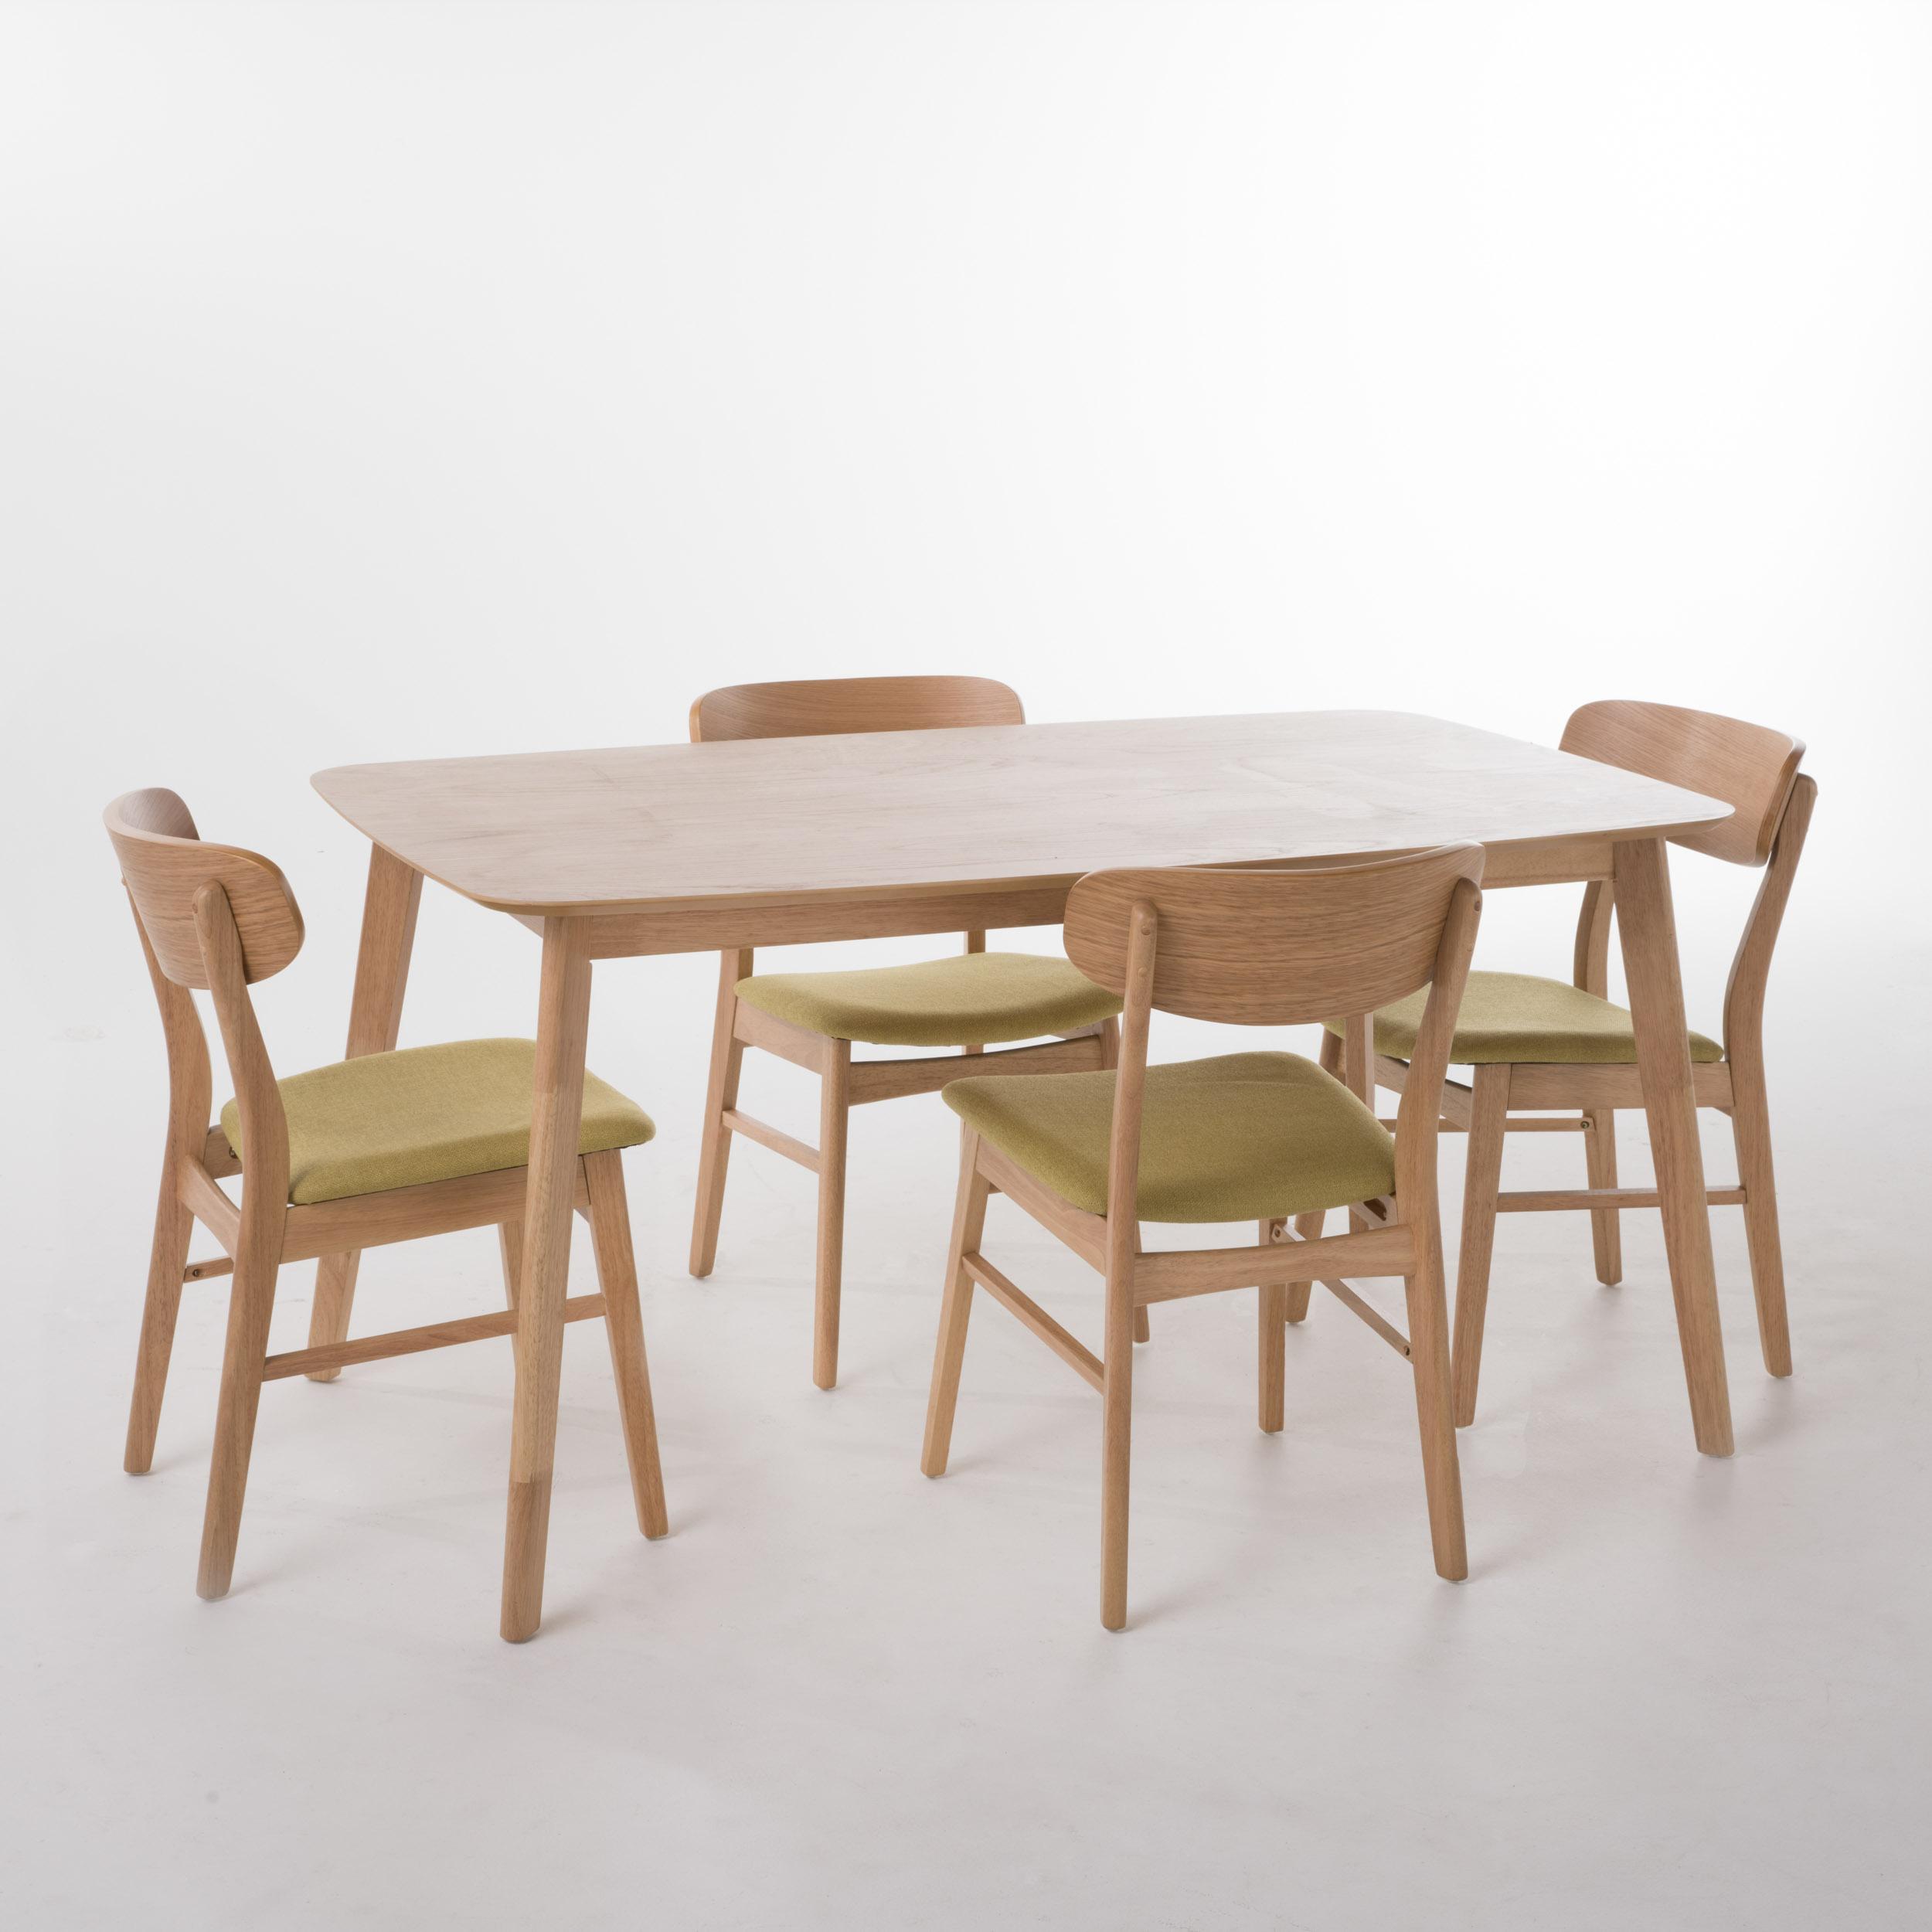 """Elmay 60"""" Rectangular 5-Piece Dining Set, Green Tea/ Natural Oak Finish"""